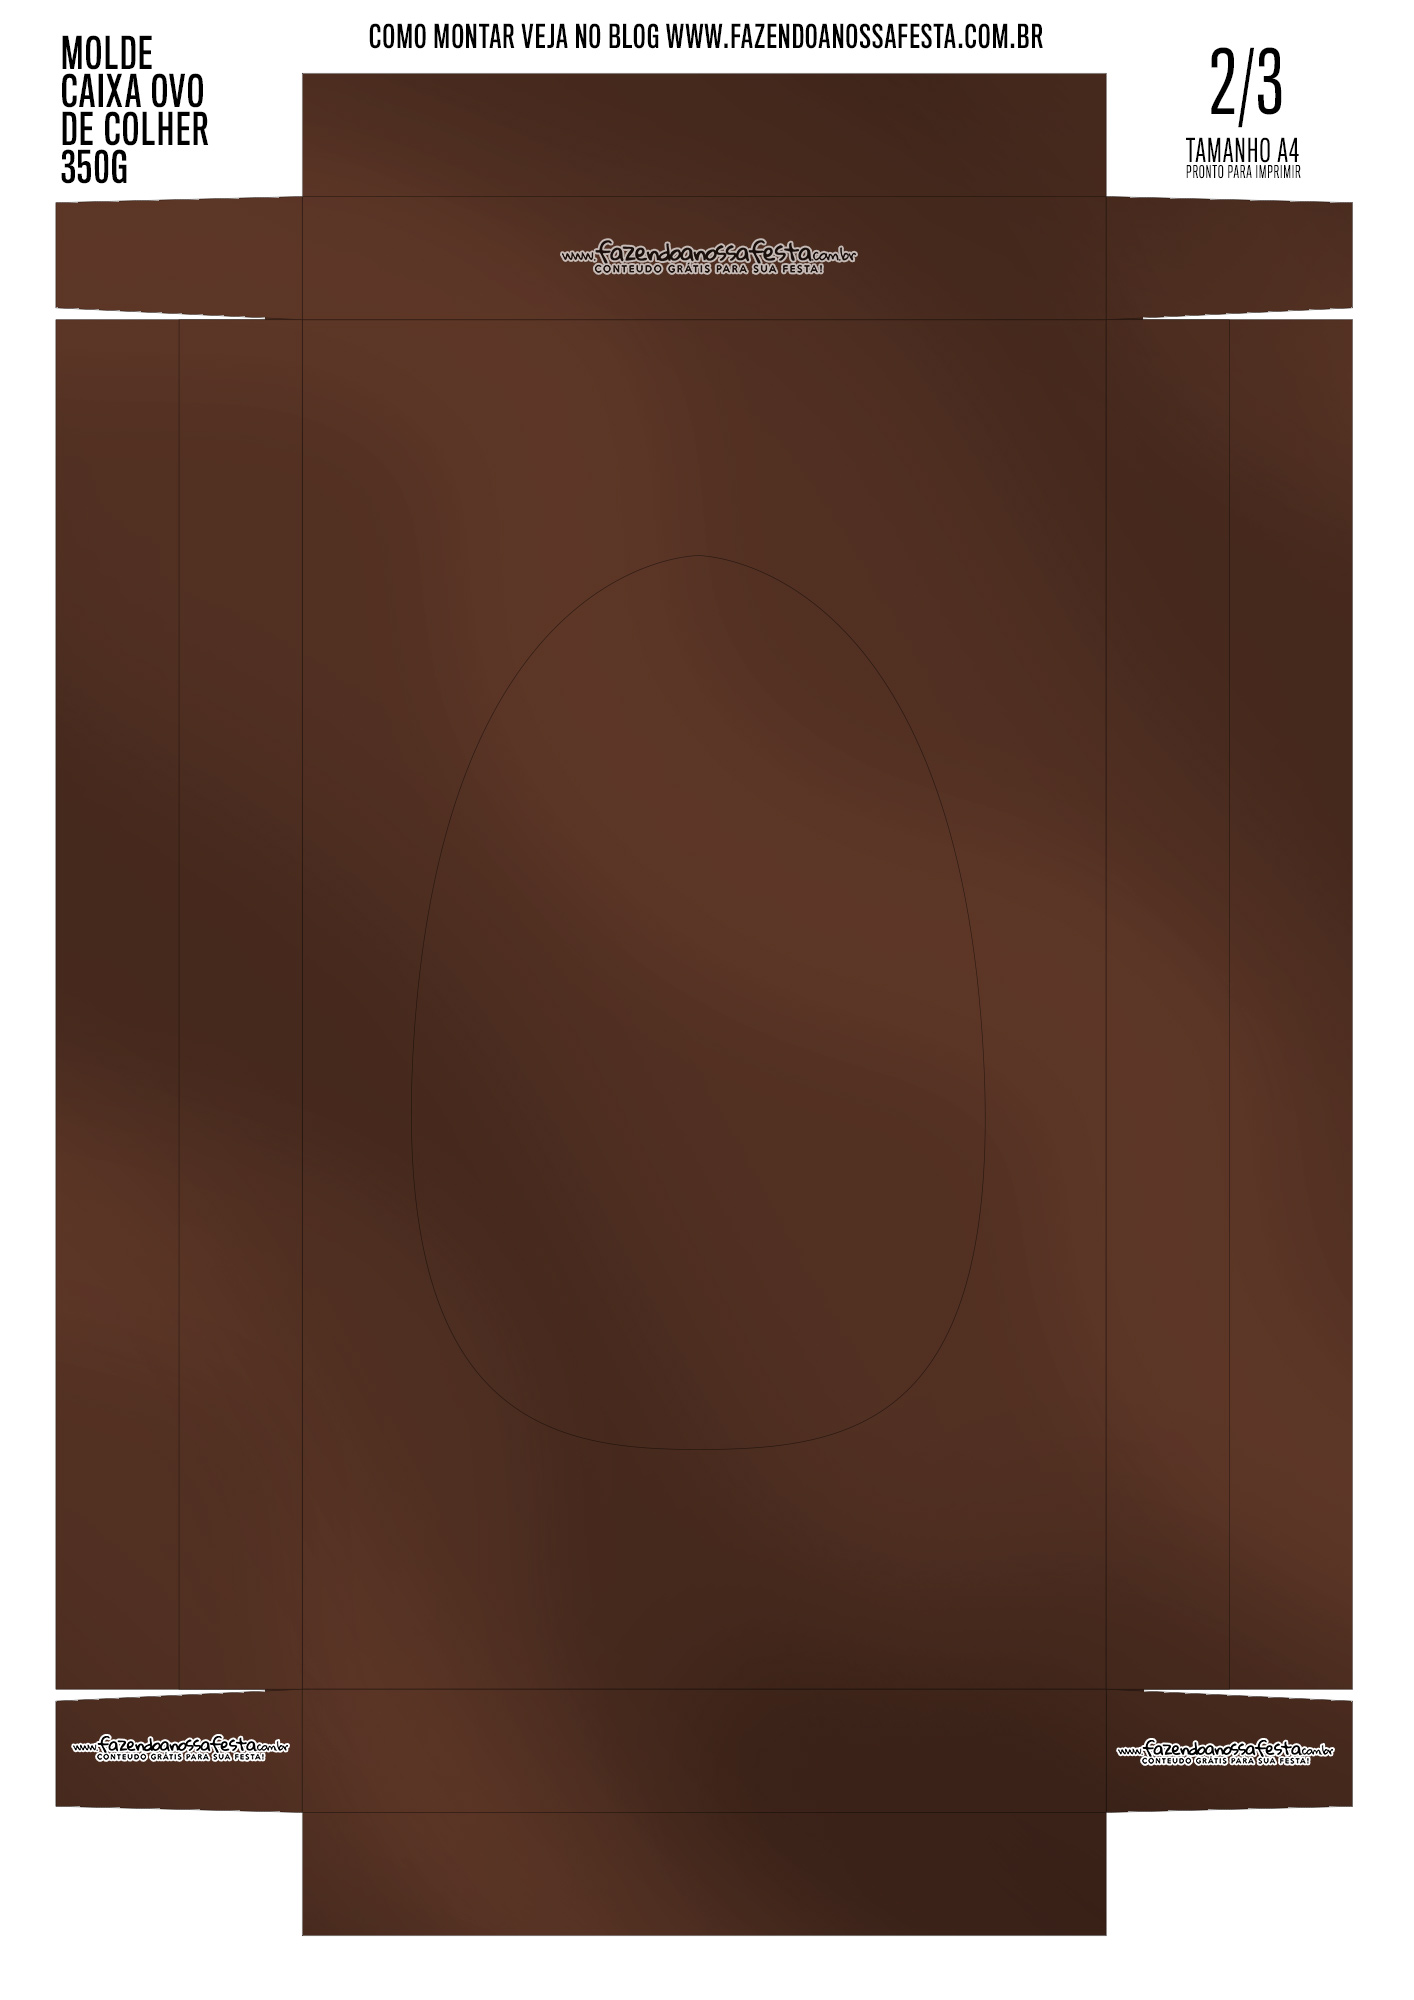 Caixa Ovo de Colher Chocolates para Pascoa Kit Kat meio